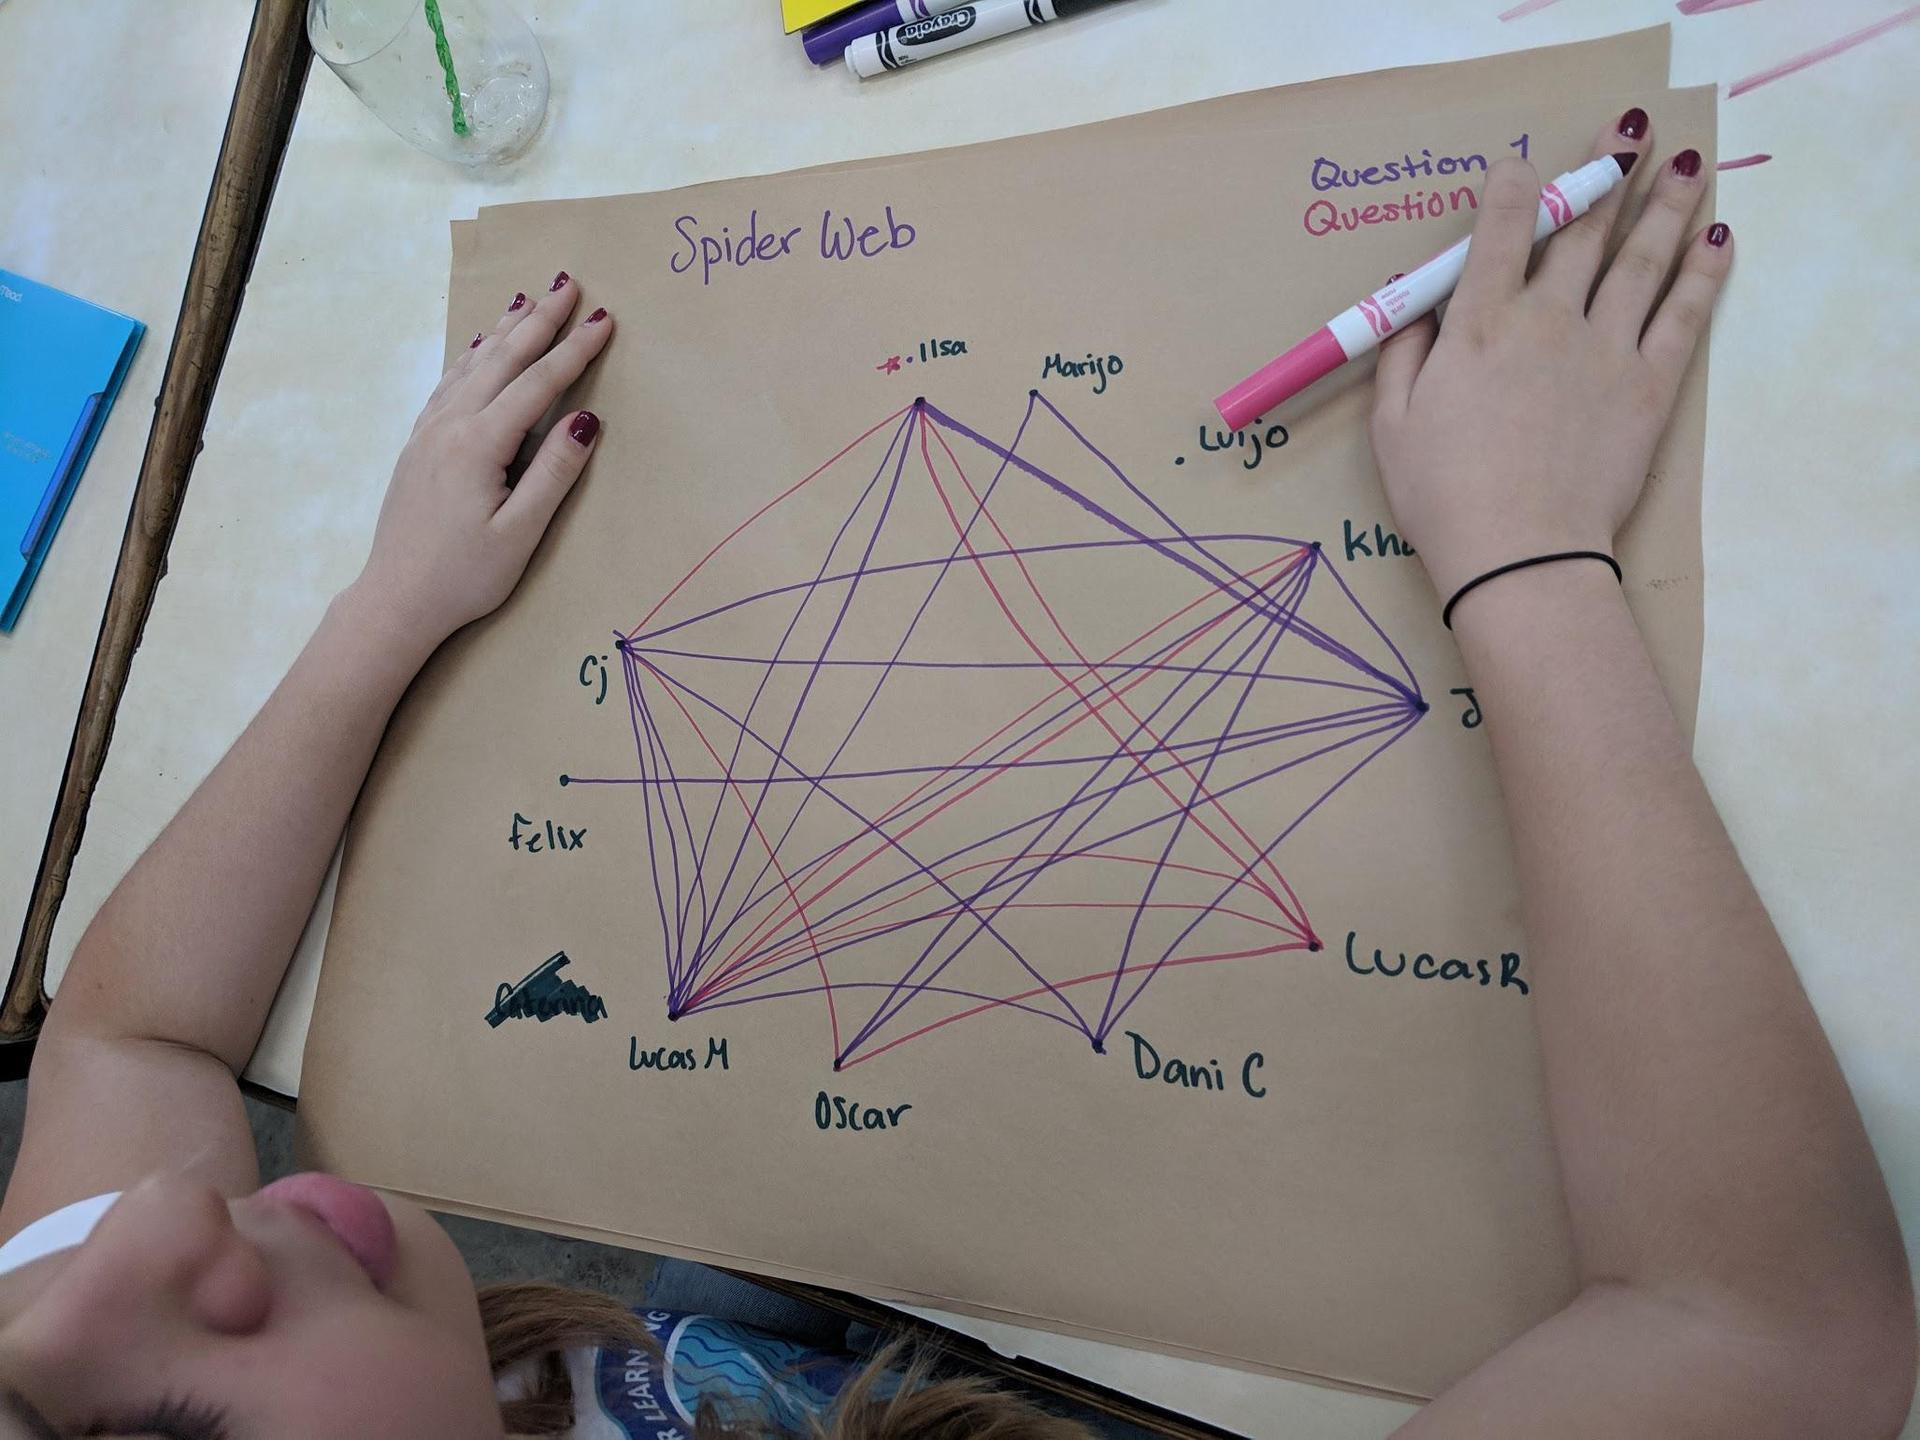 Spiderweb discussion